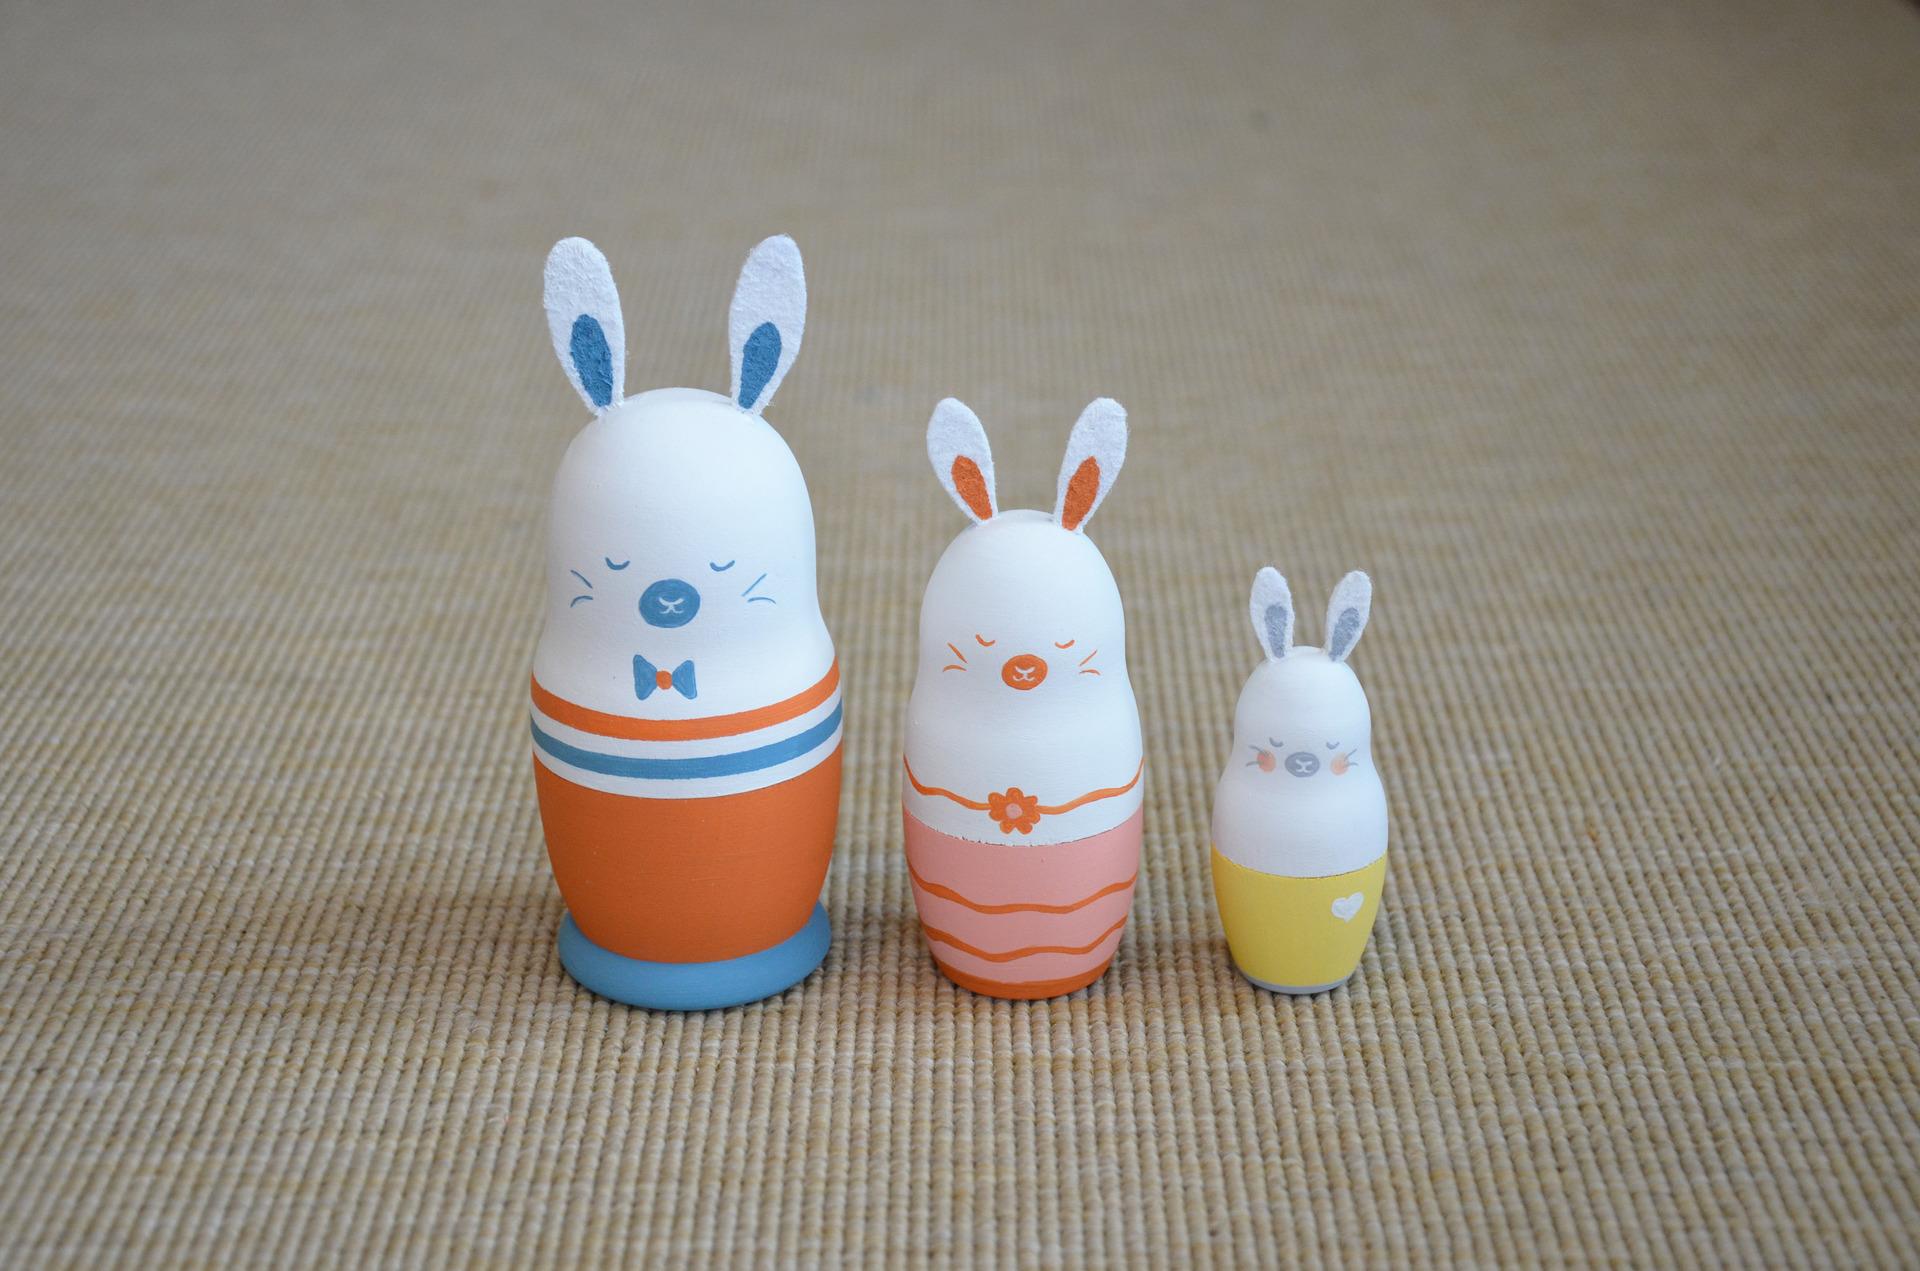 accessoires-de-maison-les-poupees-russes-famille-lapin-14815365-dsc-1019-jpg-cff